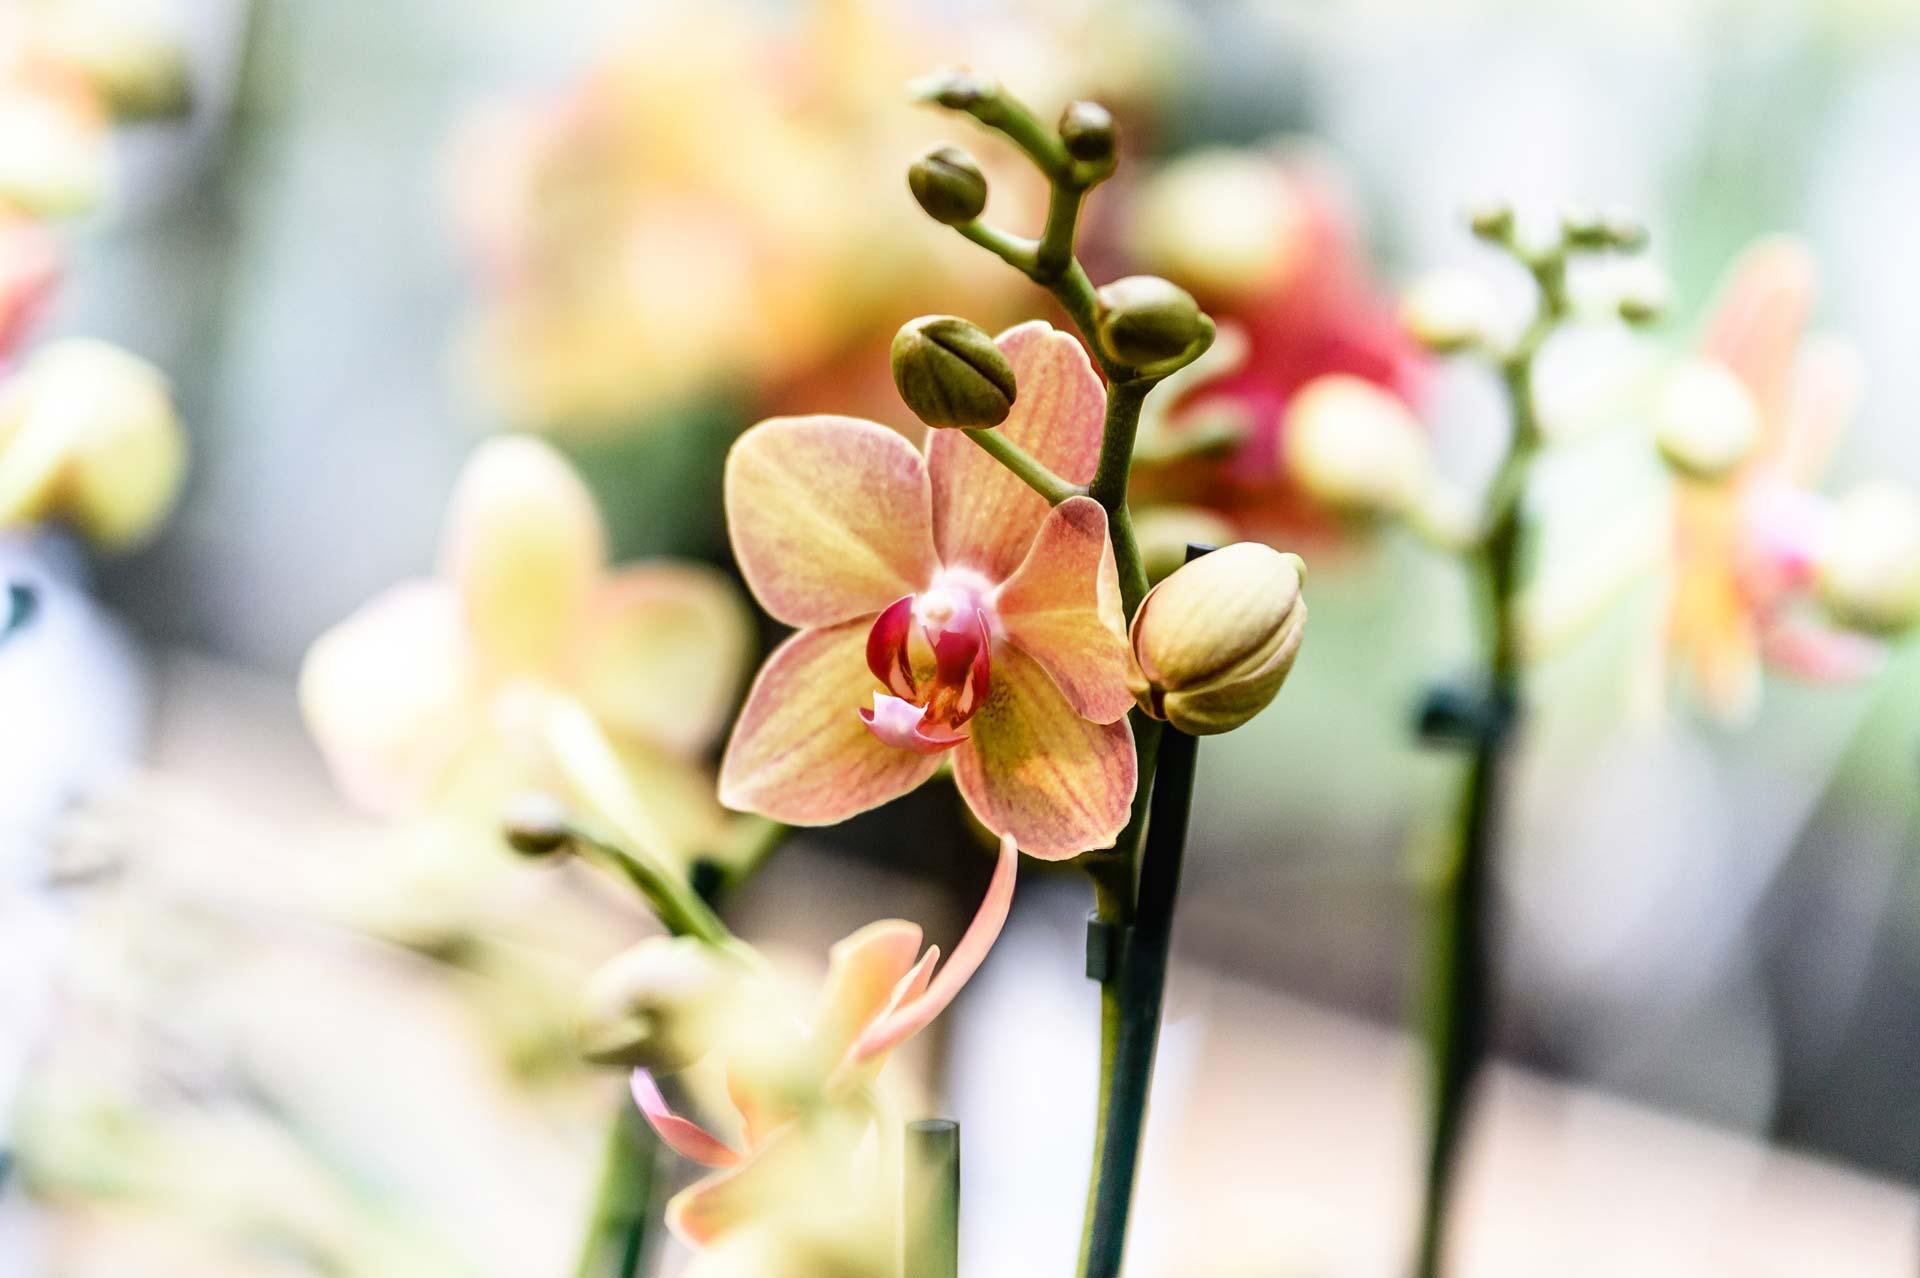 Scheerer Baumschulen & Gartencenter in Langenau/ Albeck, Baden Württemberg, Pflanzenmarkt, Produkvielfalt, Pflanzen, Orchide, Zimmerpflanze